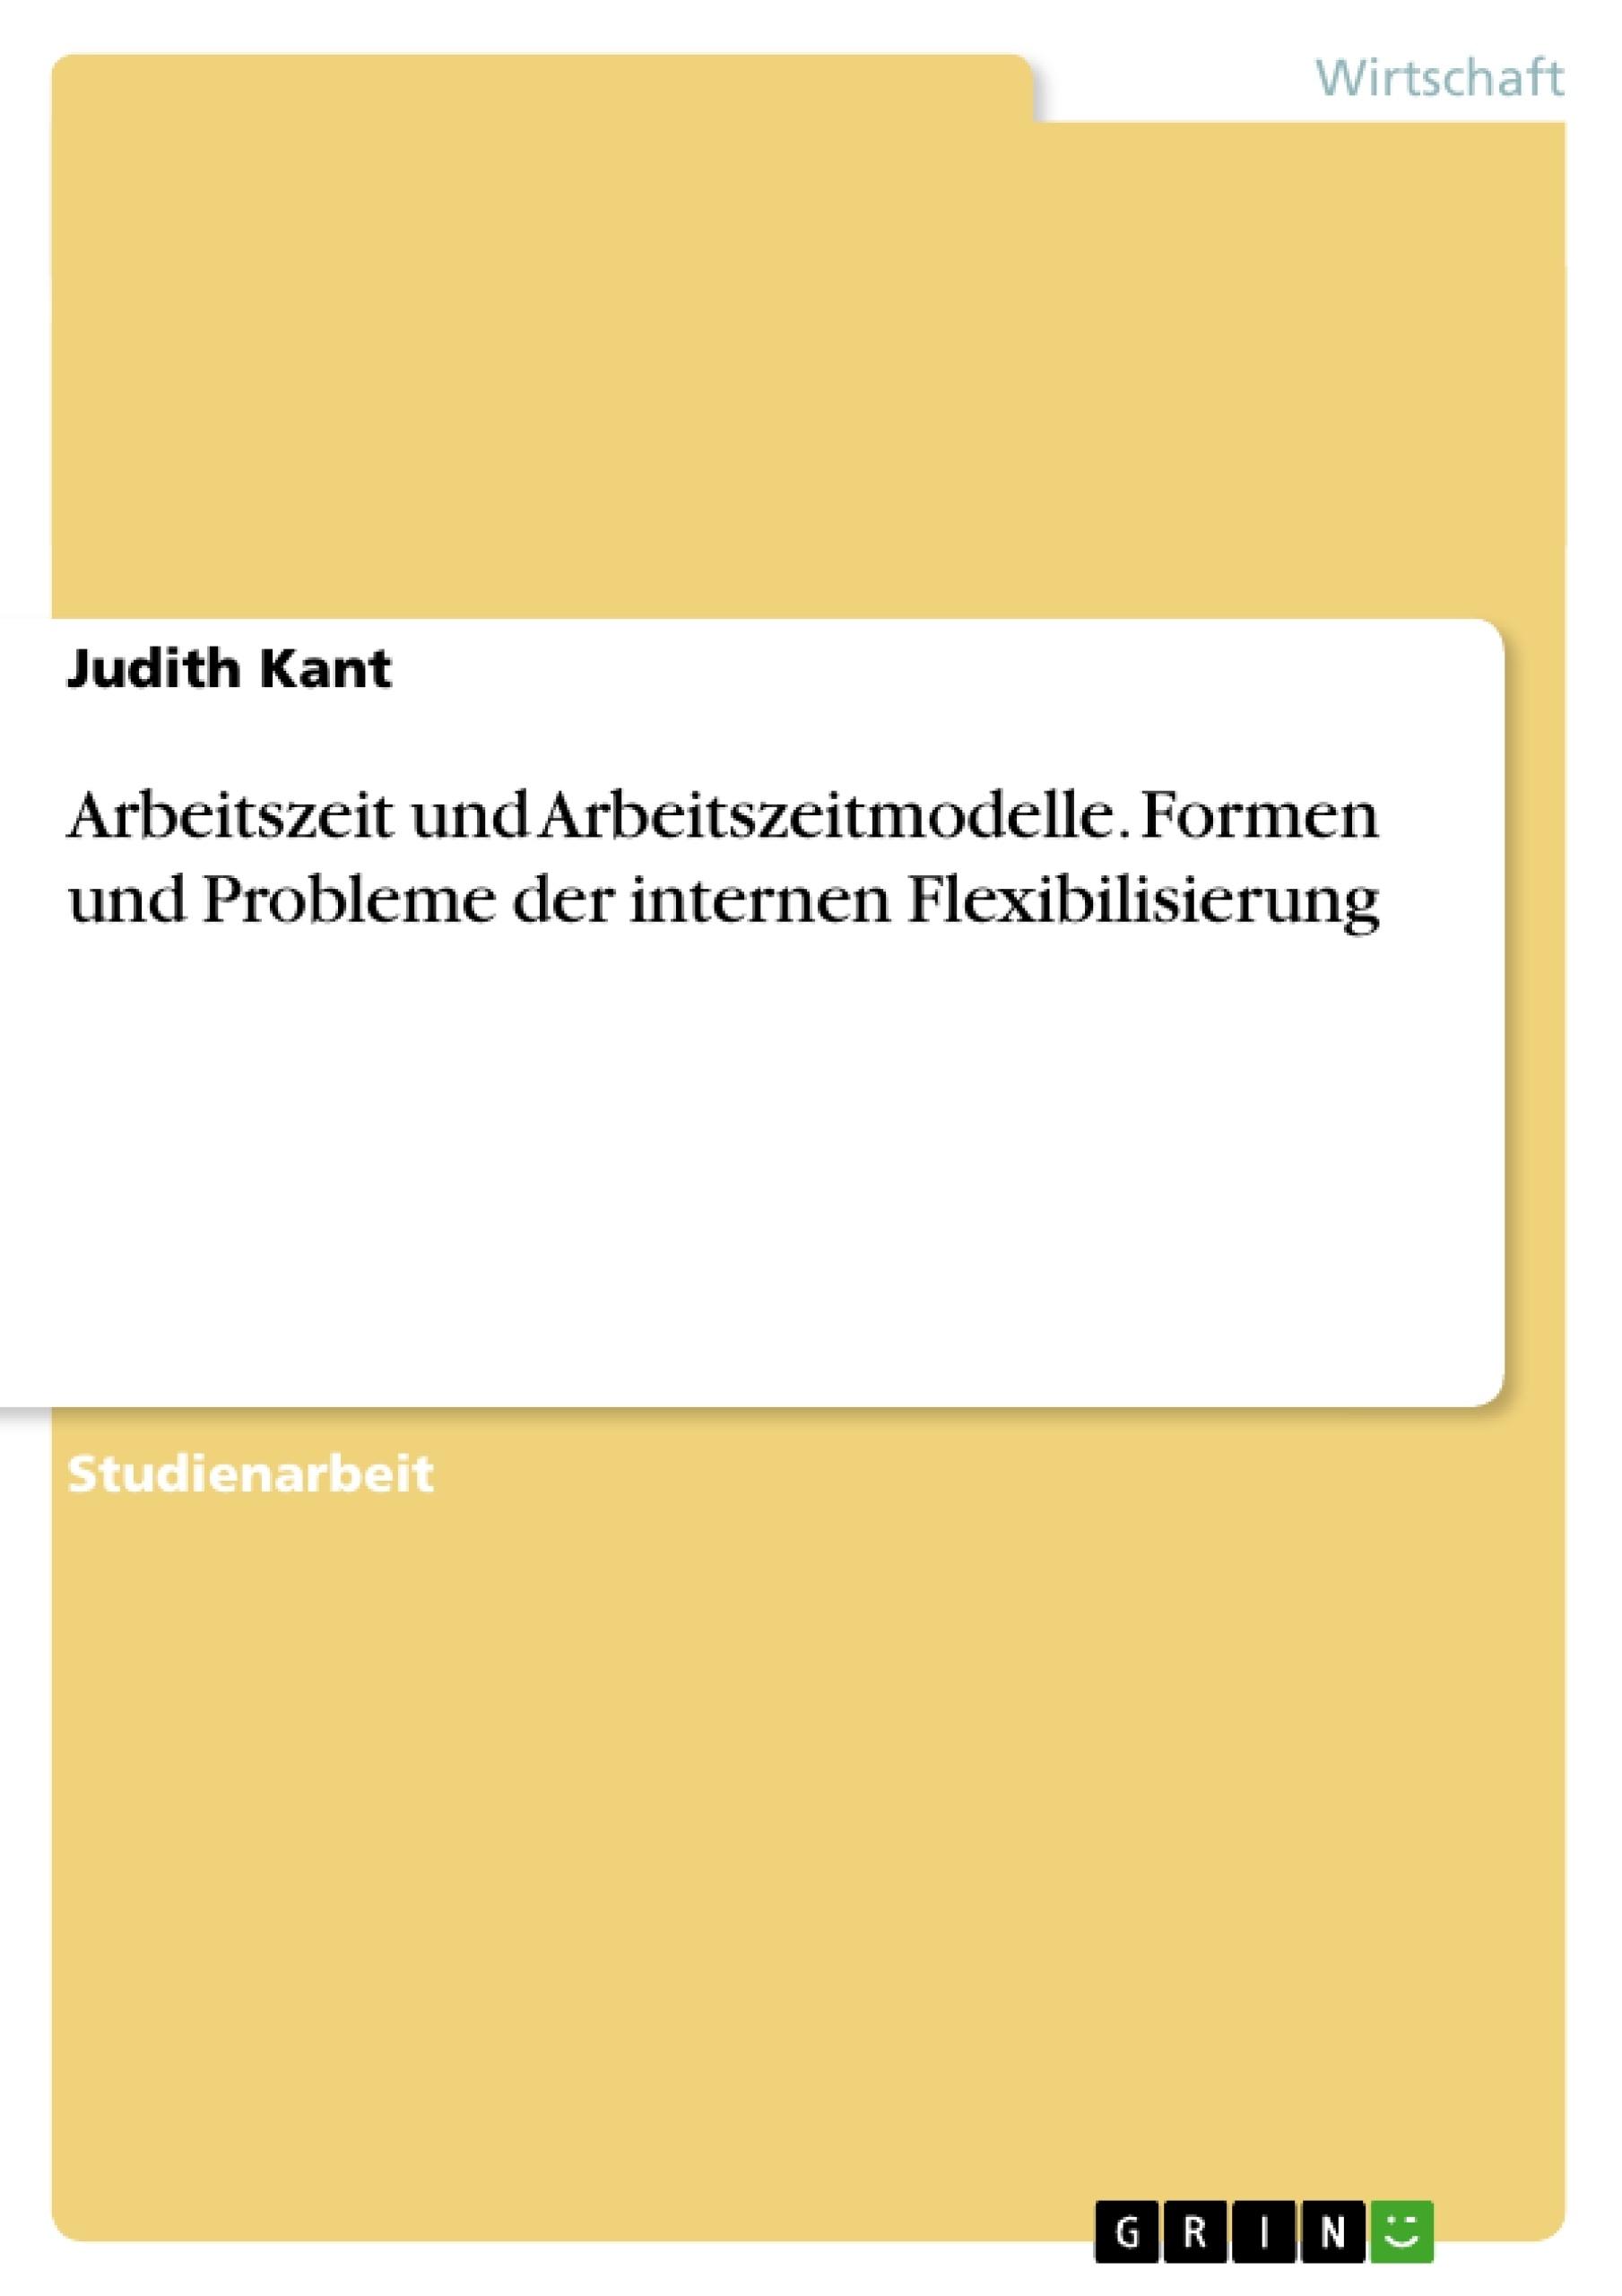 Titel: Arbeitszeit und Arbeitszeitmodelle. Formen und Probleme der internen Flexibilisierung